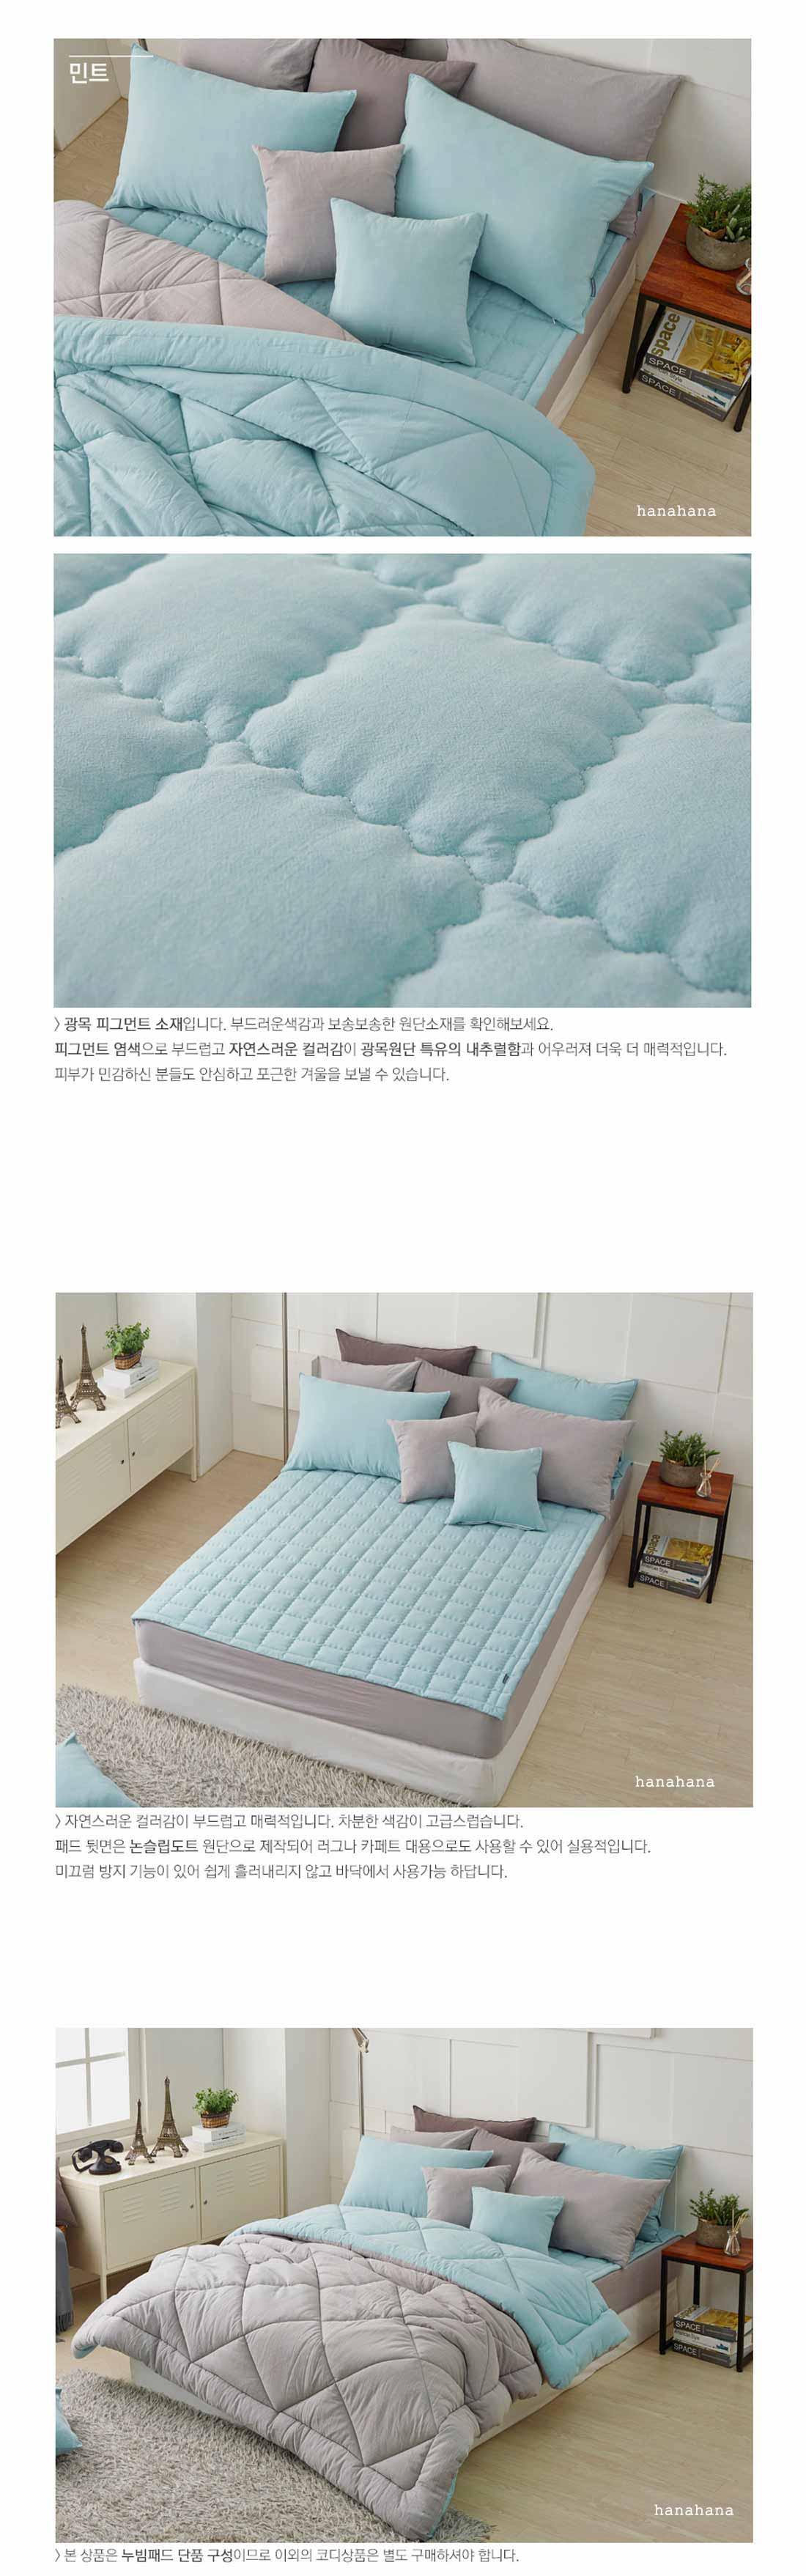 Drap giường đa năng Hàn Quốc